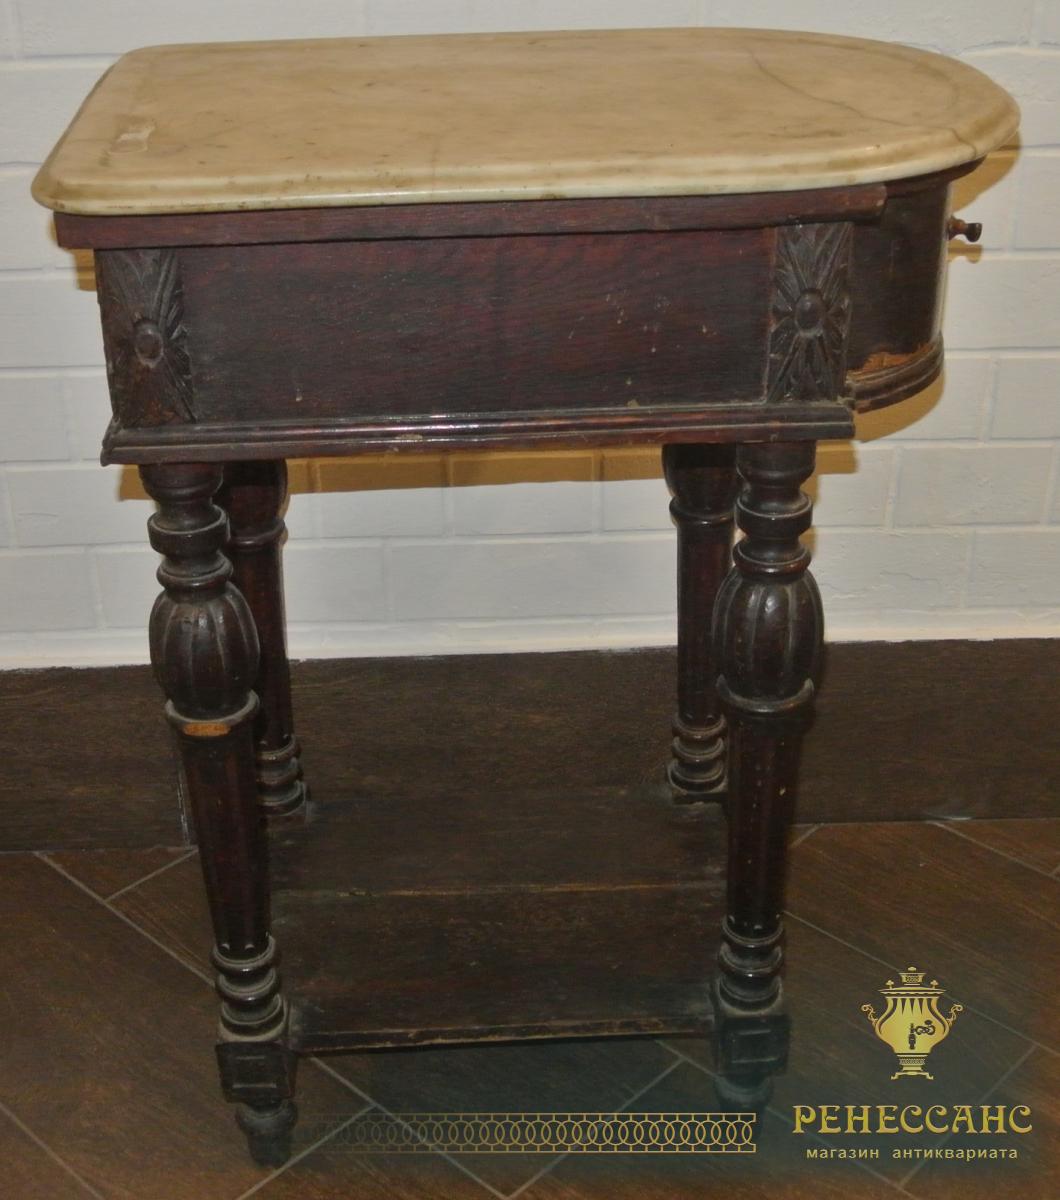 Стол старинный, столик под самовар, дуб, мрамор, Россия 19 век, без реставрации №1989